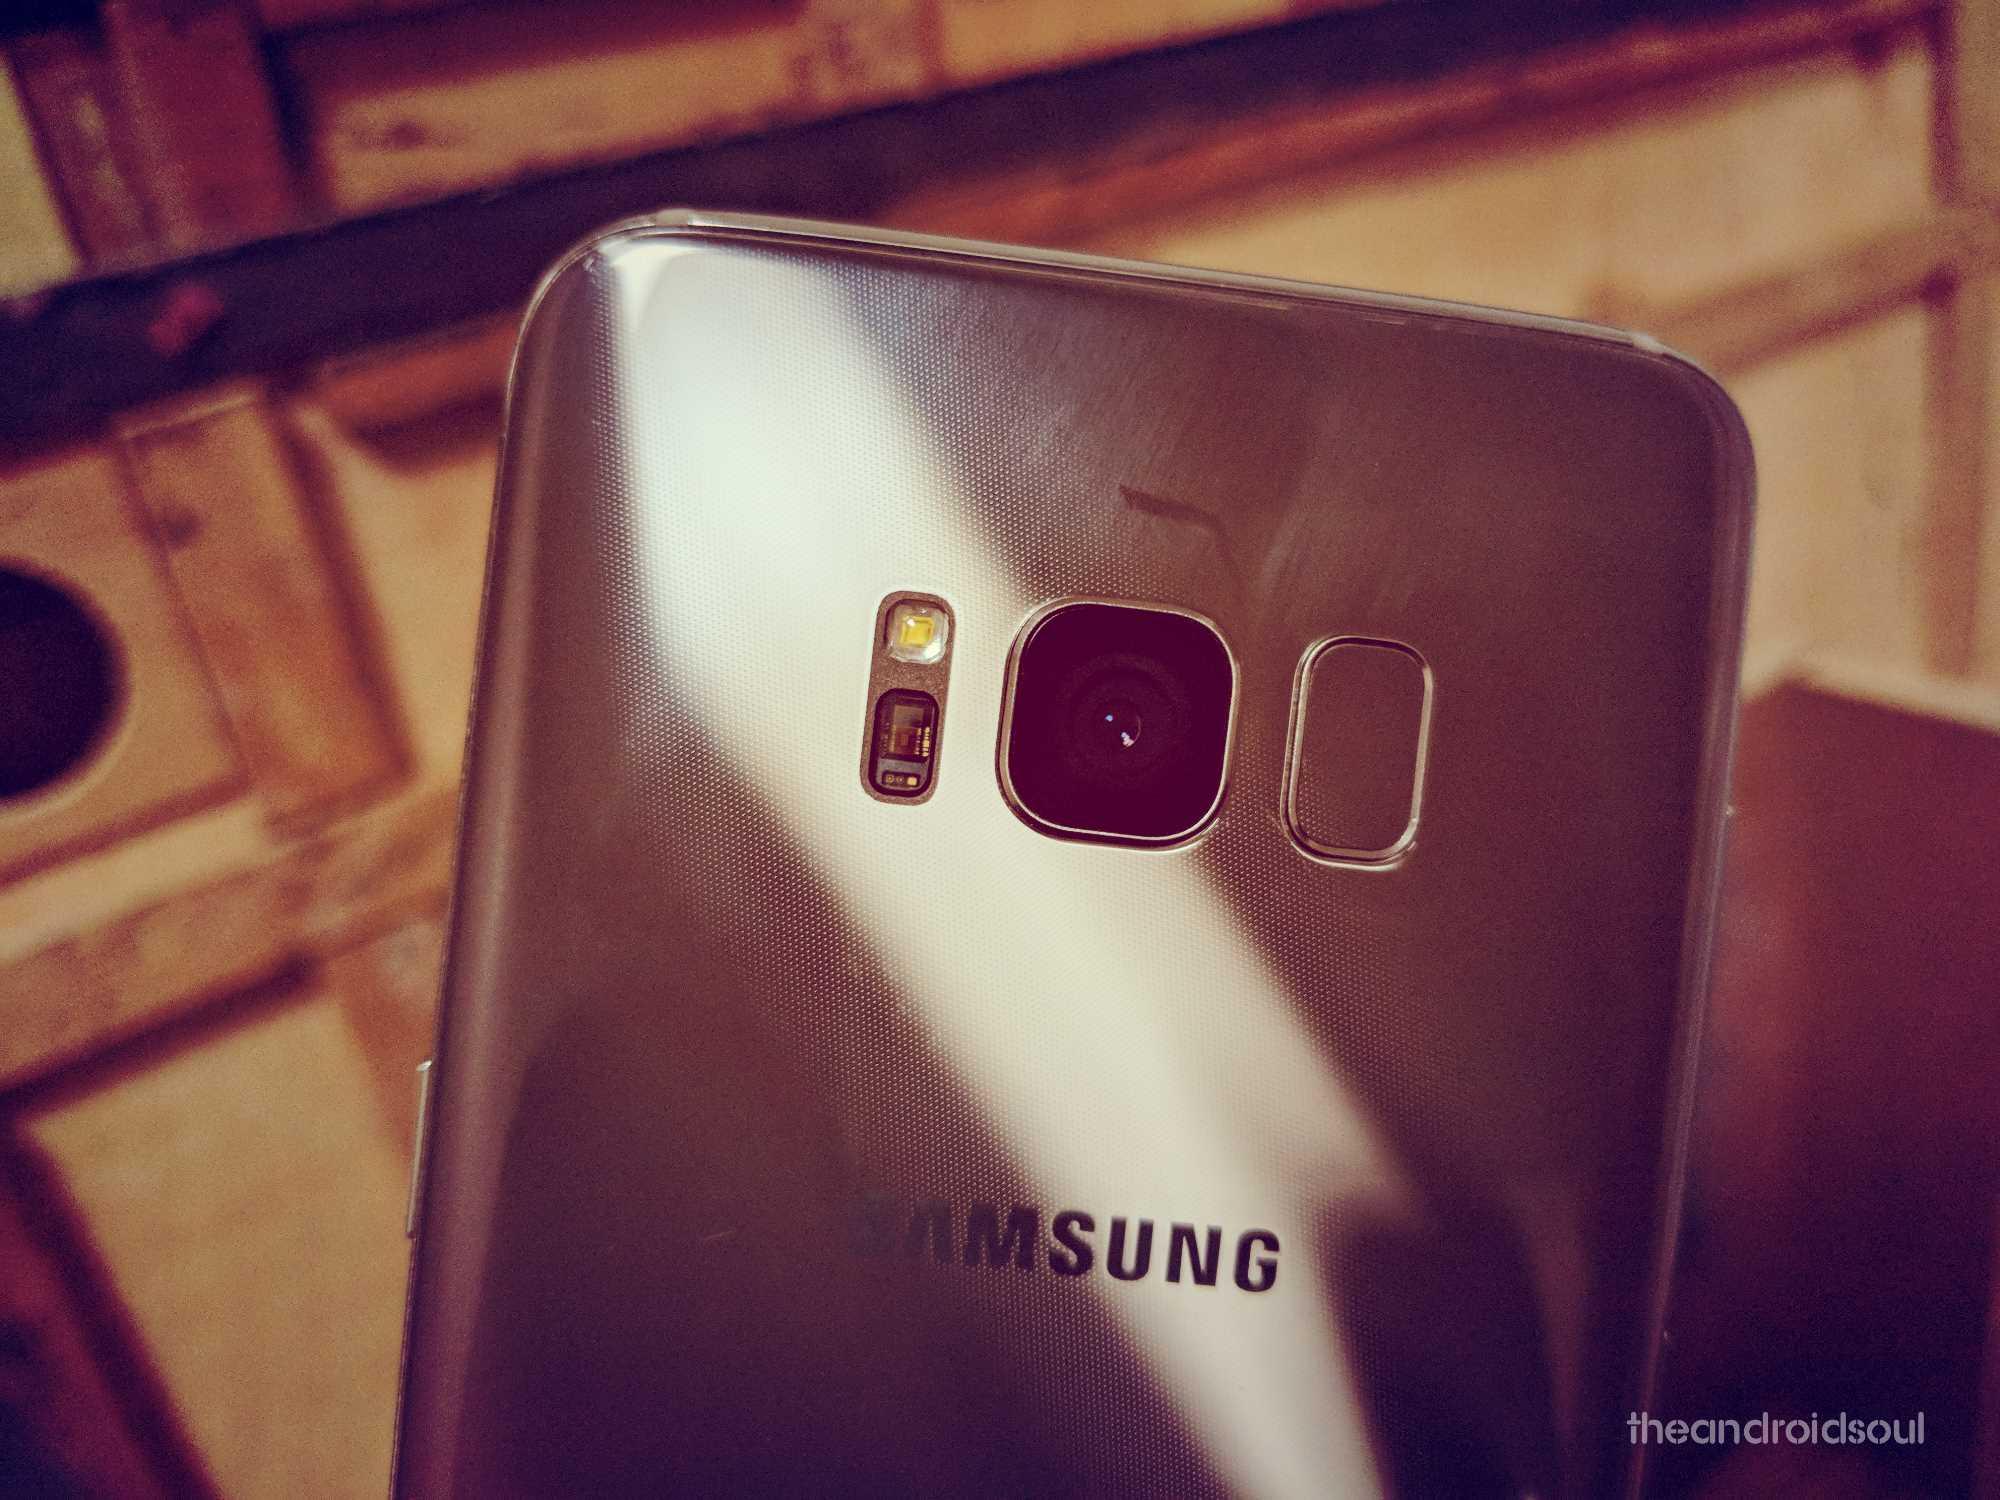 Samsung Galaxy S8 active update